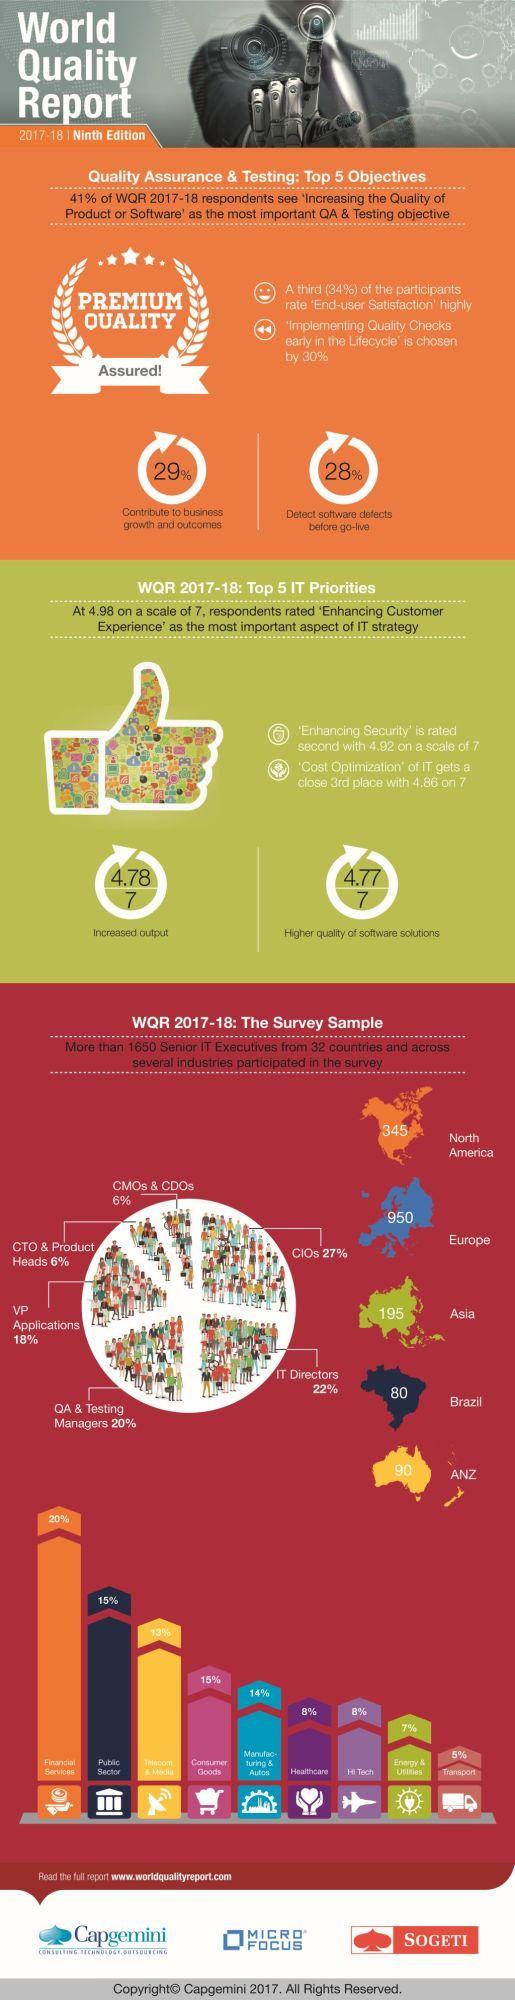 Der World Quality Report in der neunten Auflage.